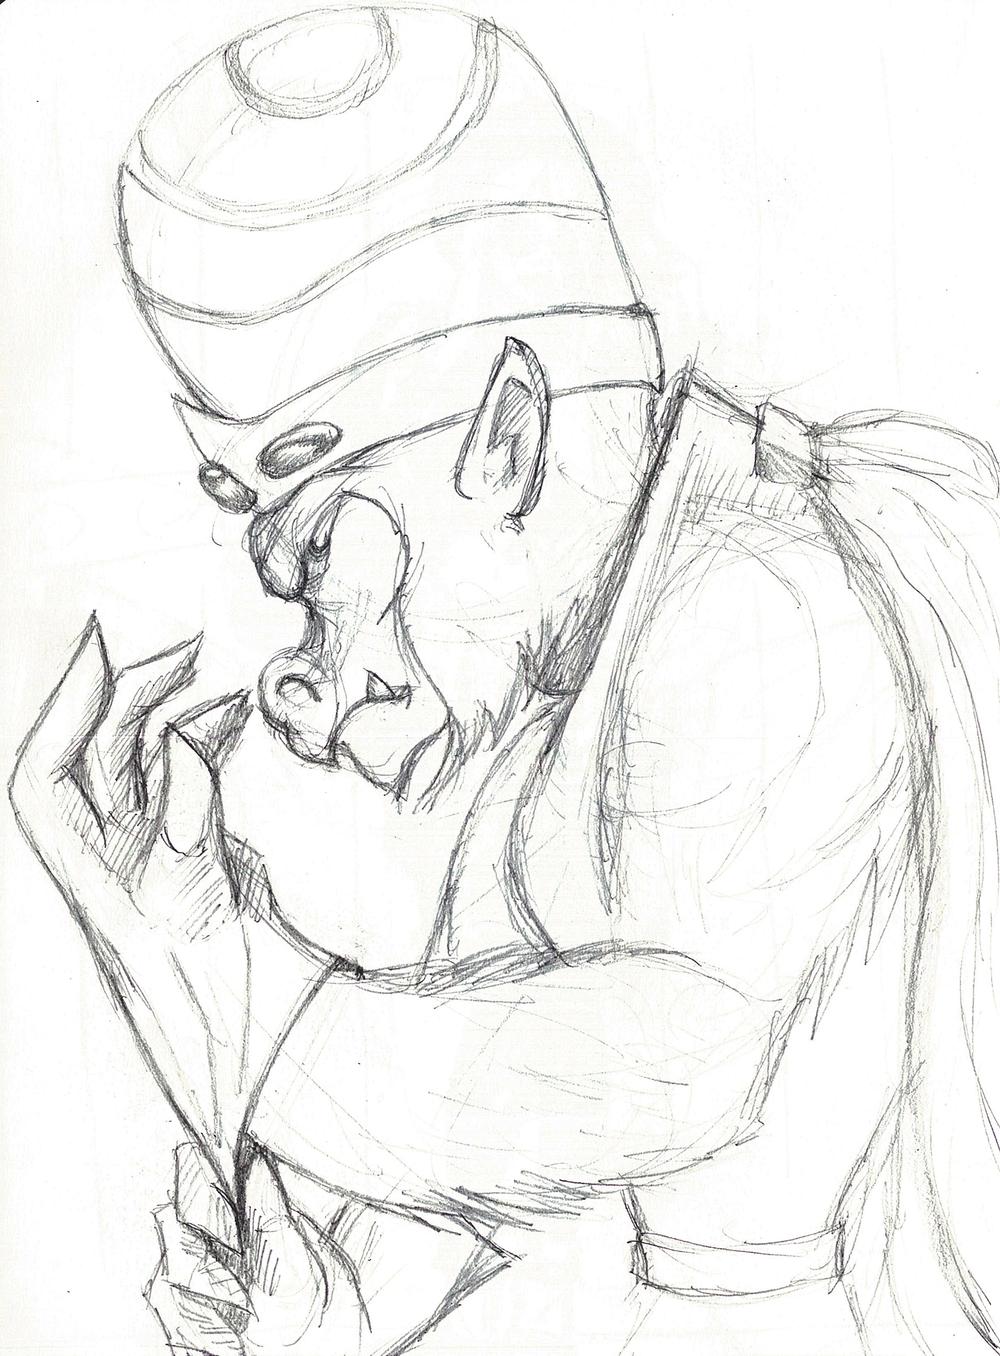 MoJo JoJo - Sketch